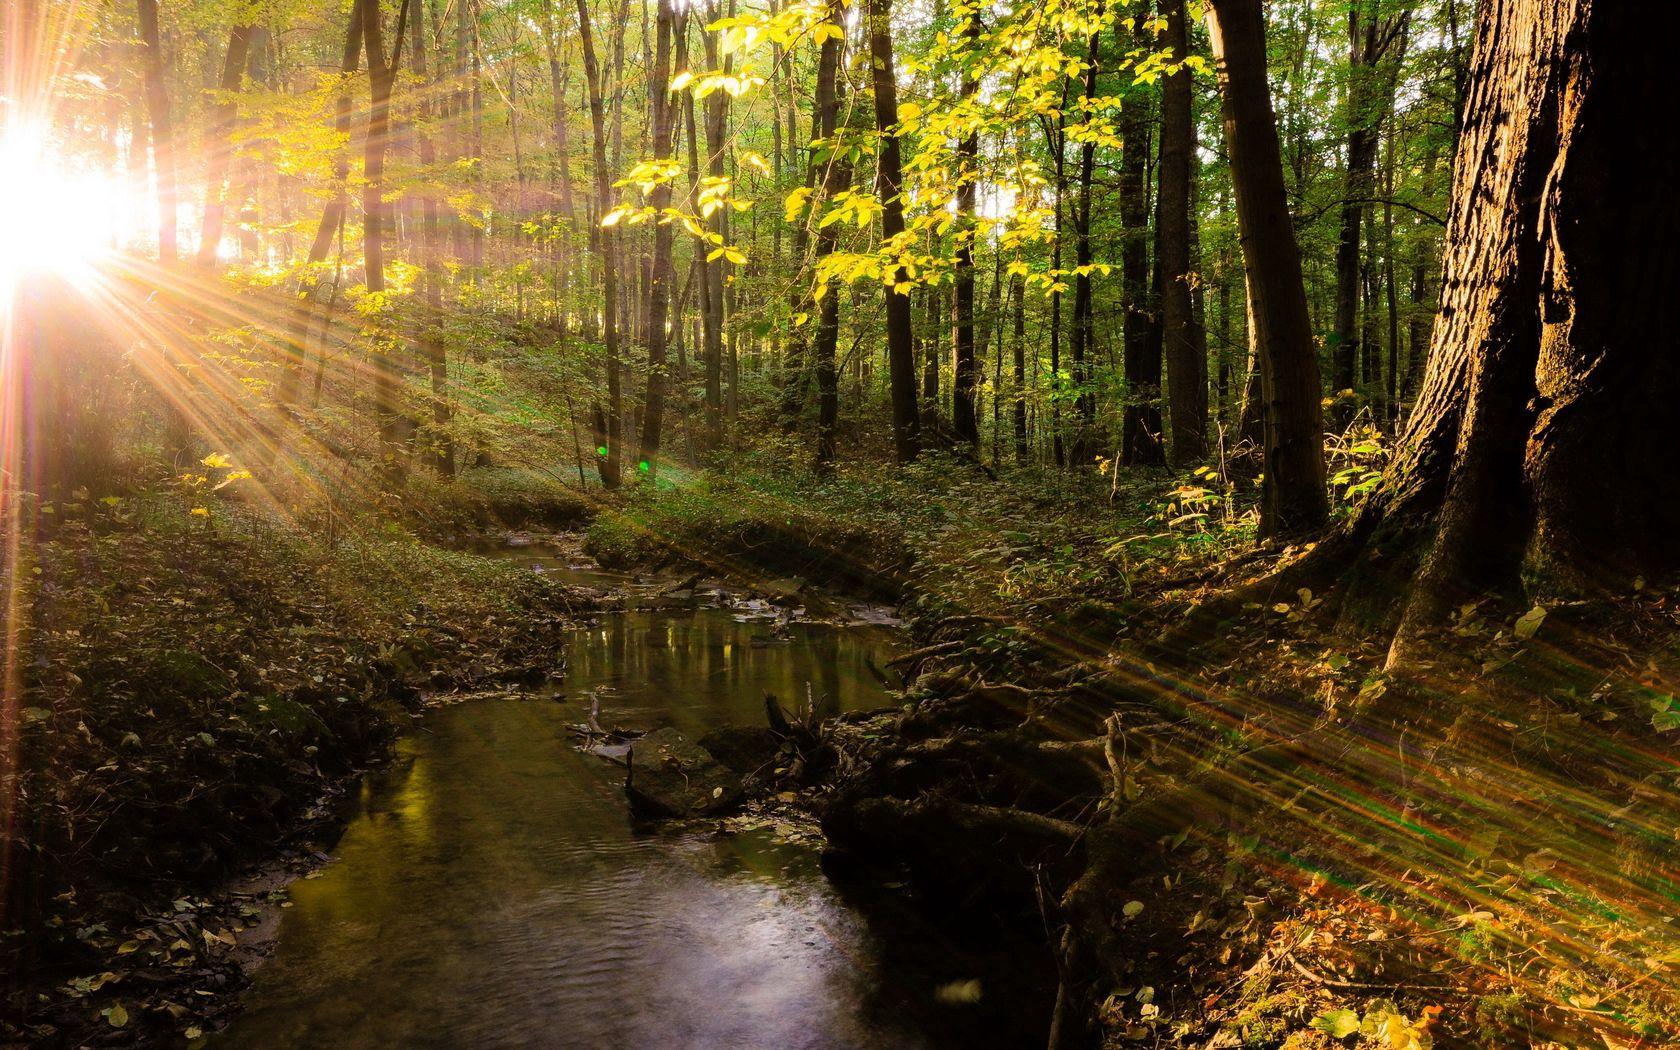 131544壁紙のダウンロード自然, ビーム, 光線, 輝く, 光, 木, 森林, 森, オーバーフロー, サン-スクリーンセーバーと写真を無料で